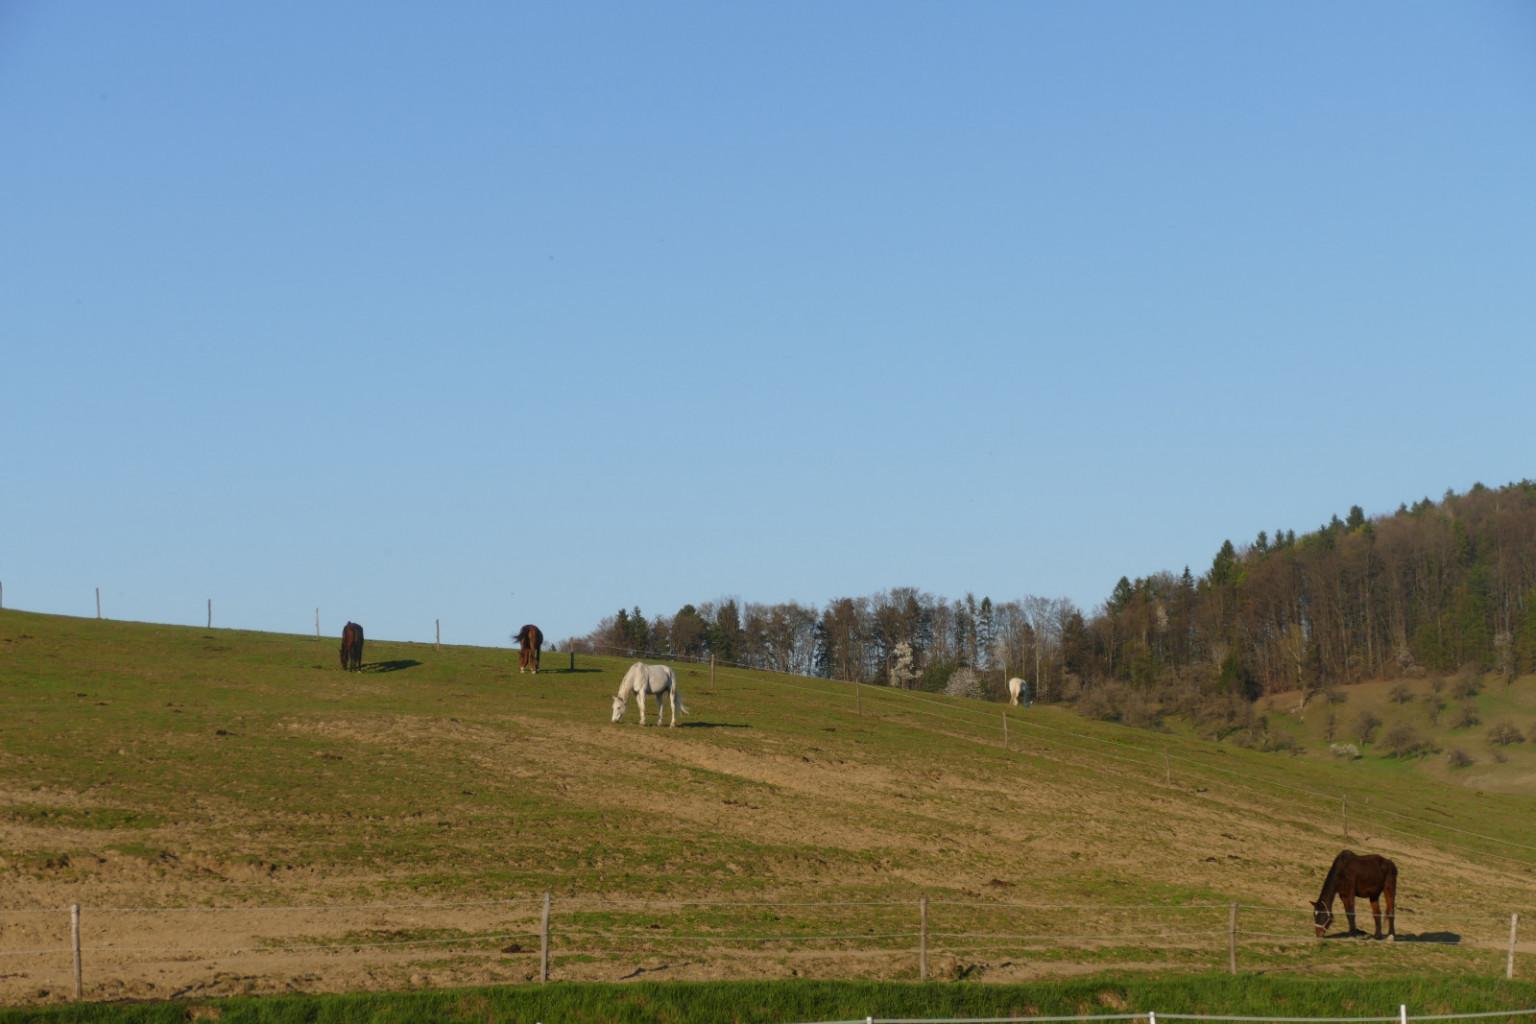 Konji so na pašnikih od jutra do poznega večera.